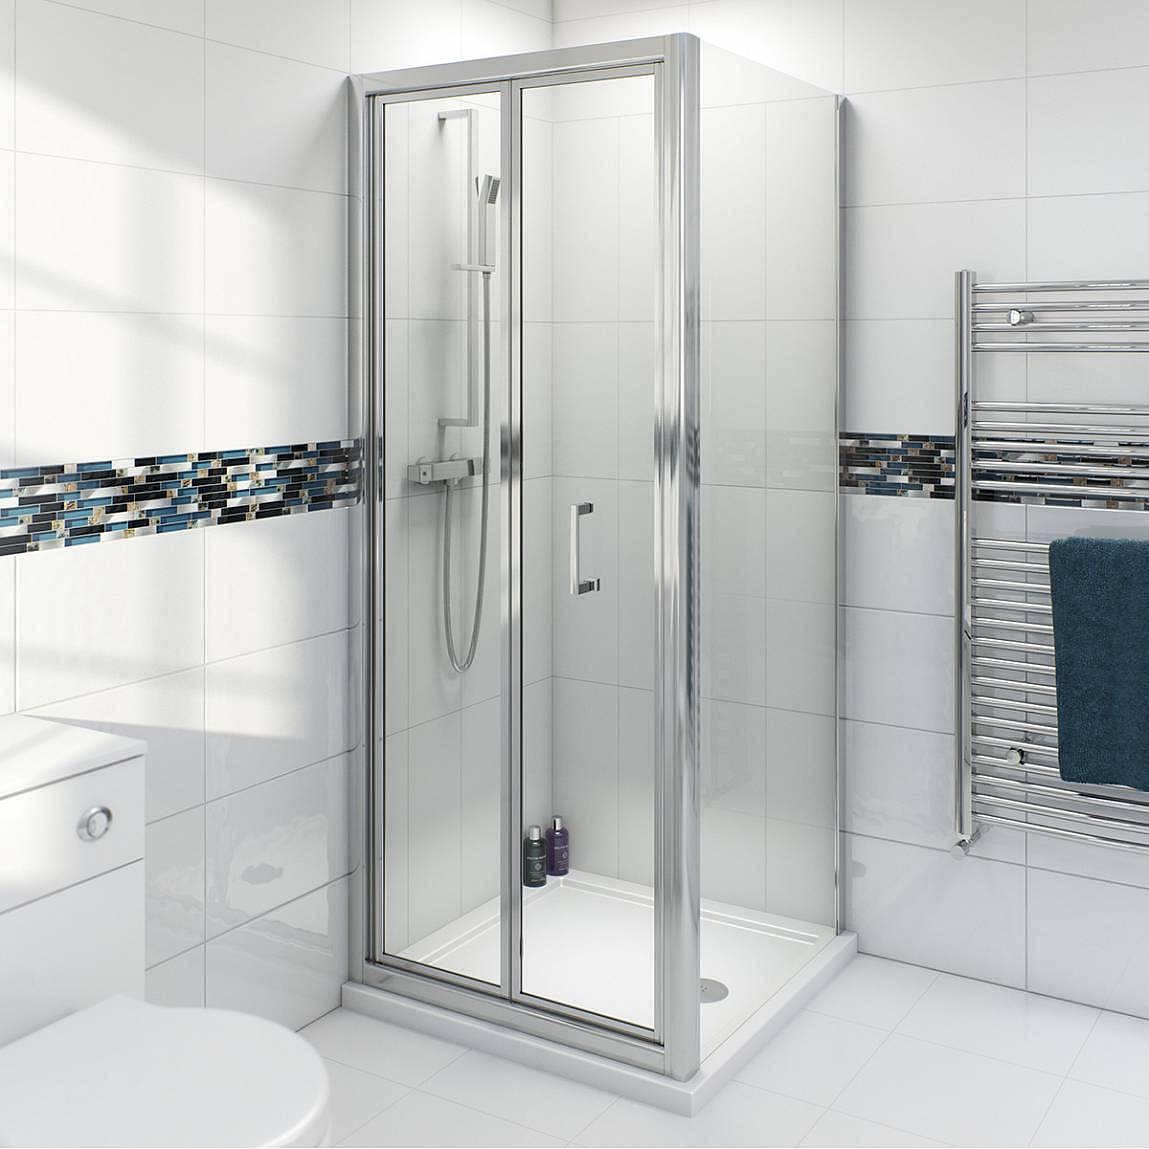 Image of V6 Bifold Enclosure 760 x 800